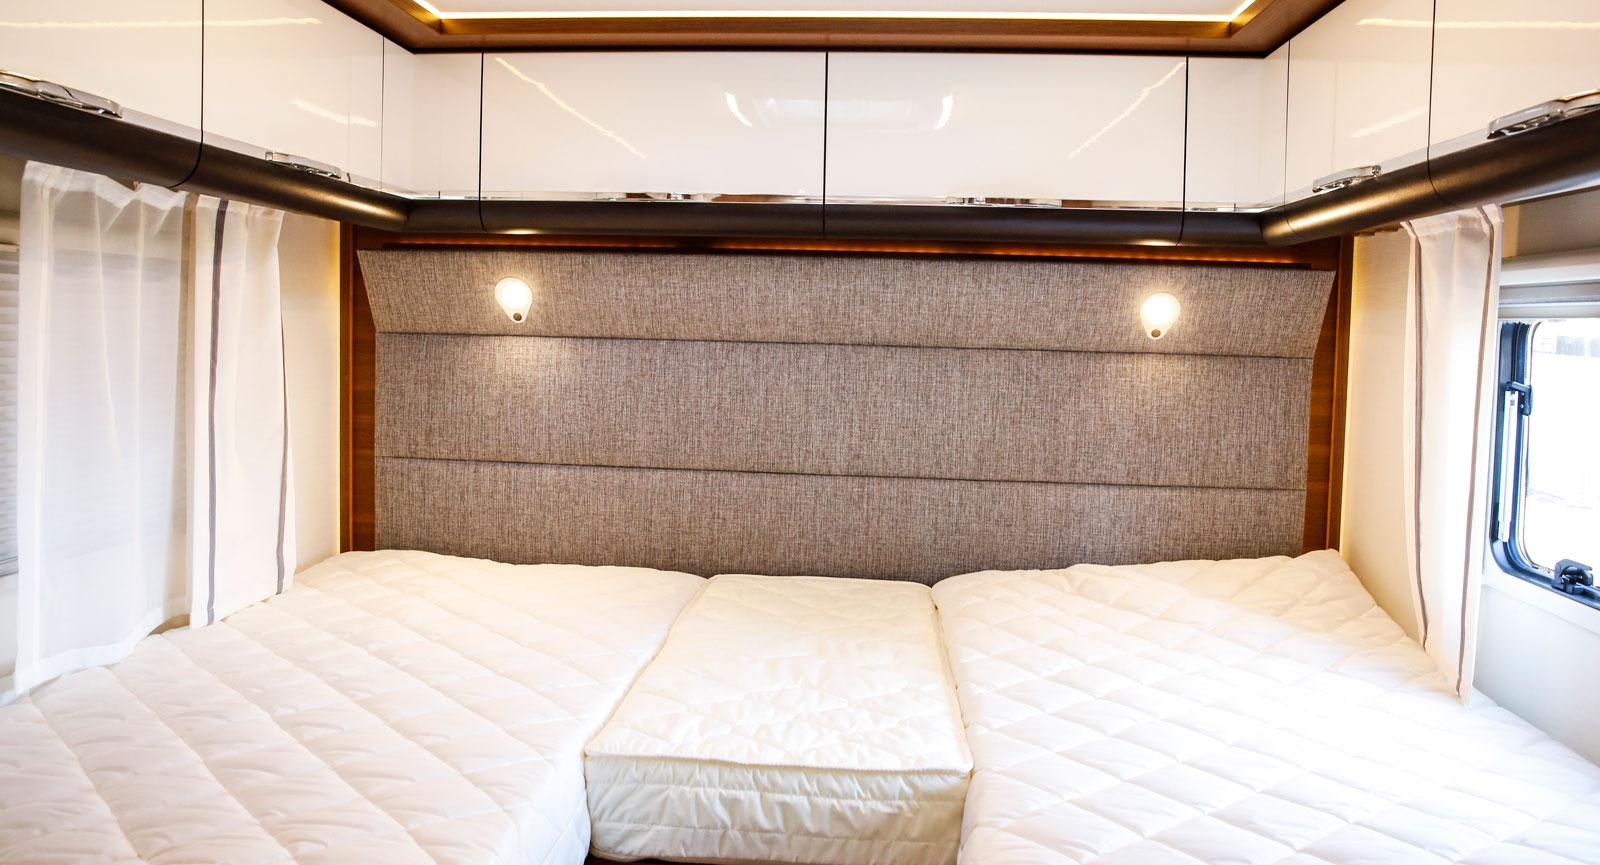 Långbäddarna görs enkelt om till en stor dubbelsäng med hjälp av iläggsskivor och extramadrasser.